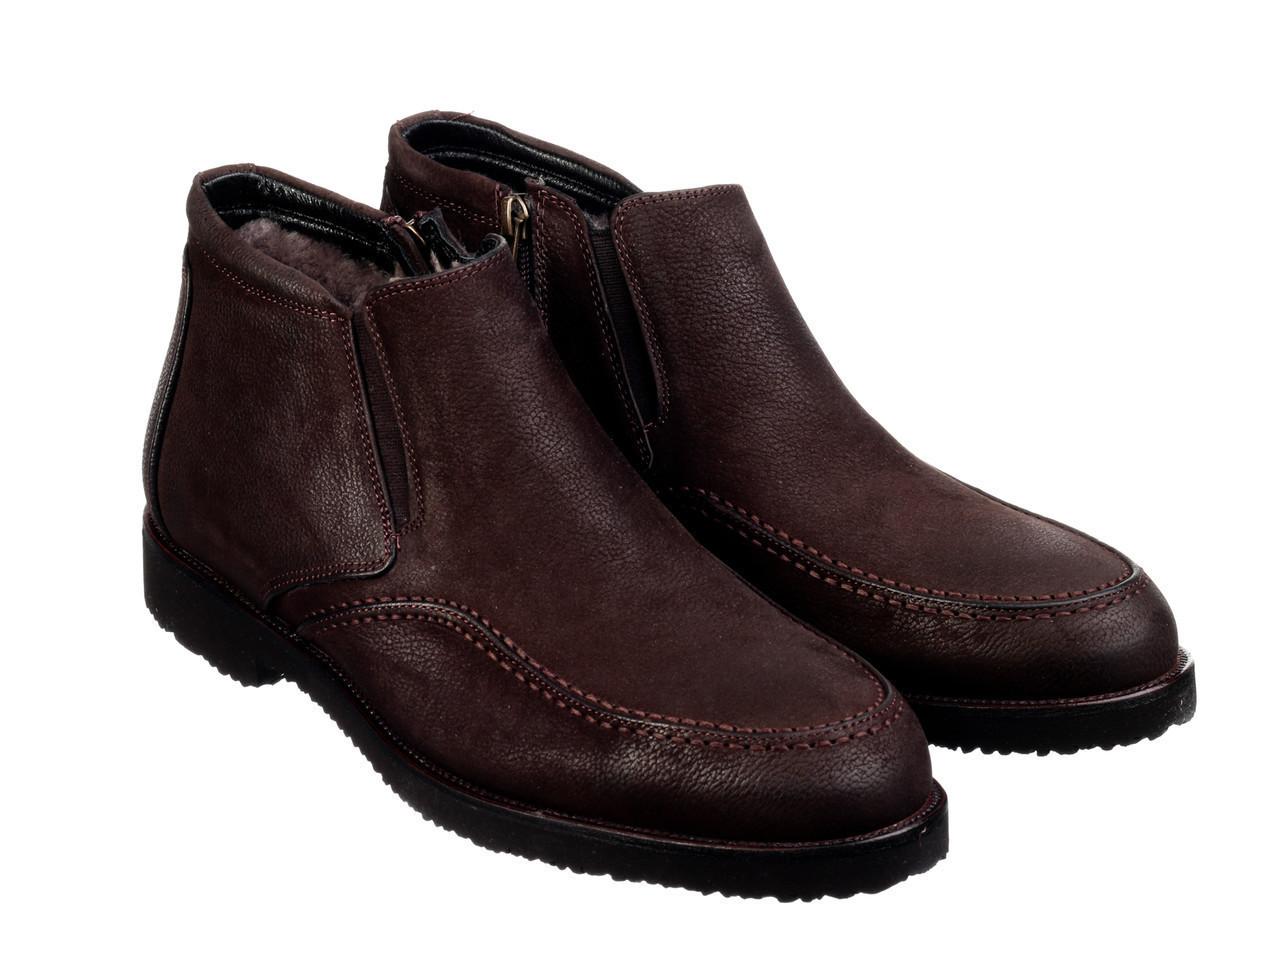 Ботинки Etor 16072-318 45 коричневые